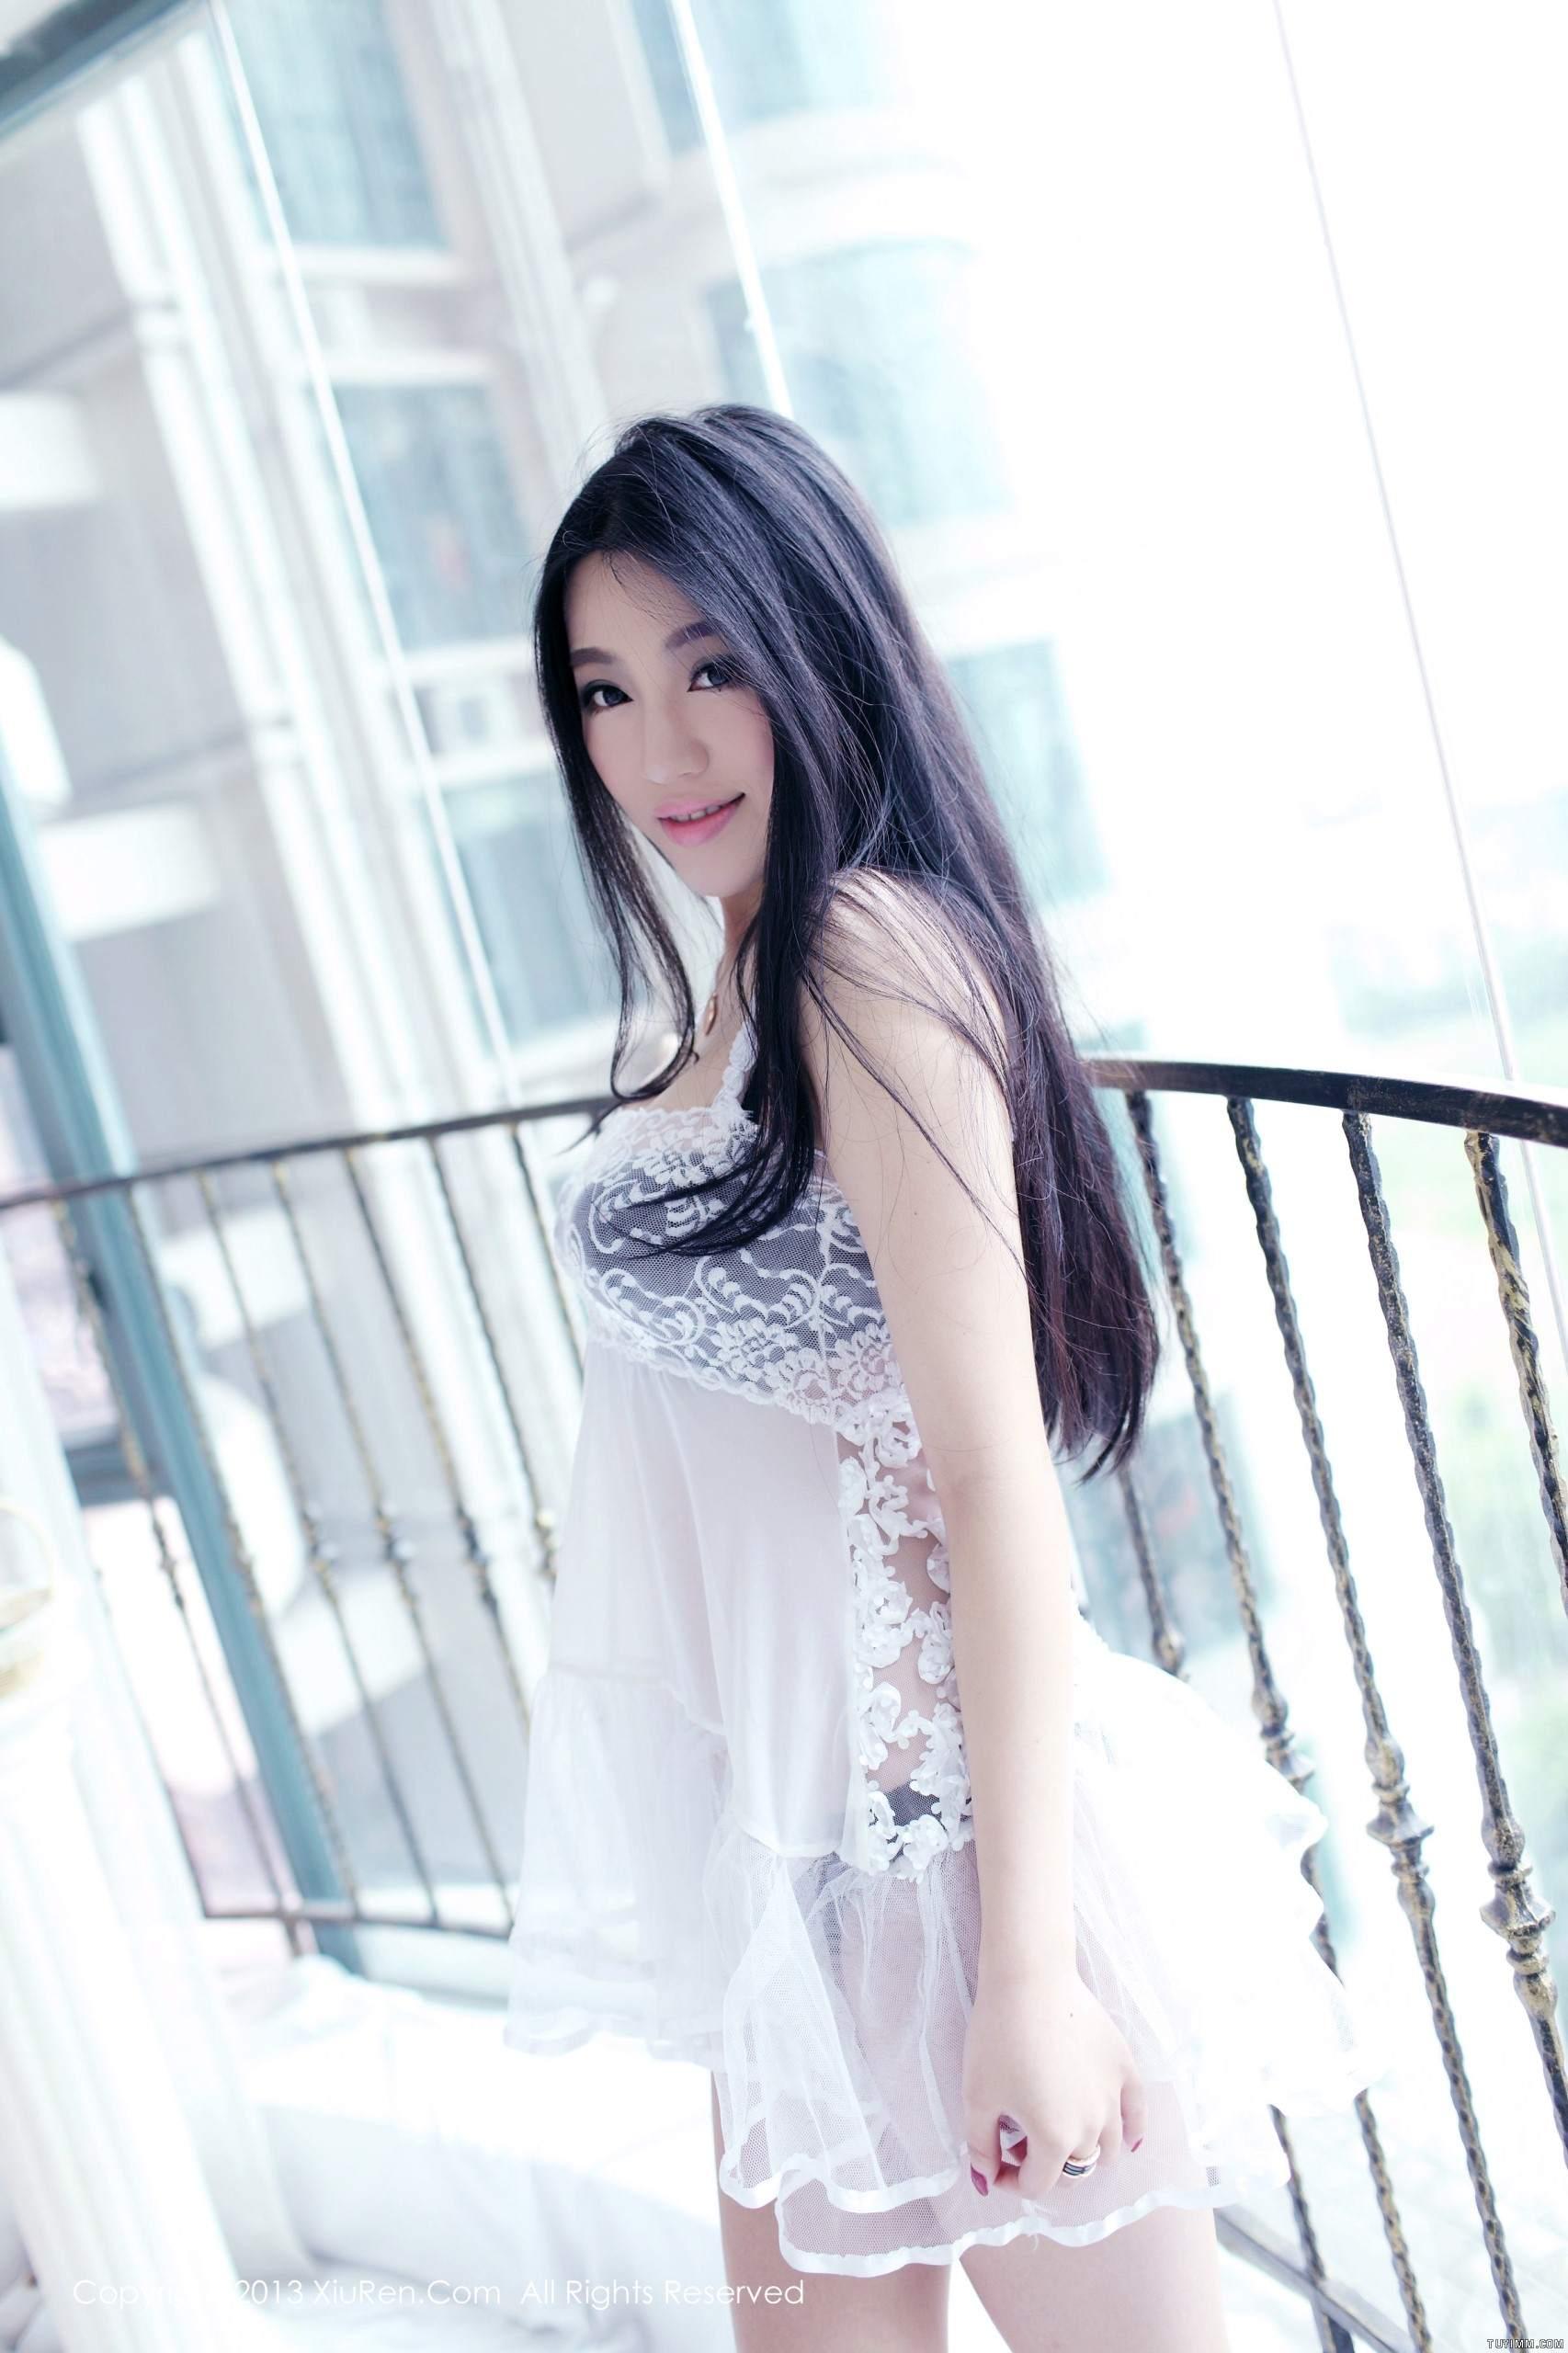 [福利]Tiffany_小梦的玖爱辅助网-第21张图片-哔哔娱乐网